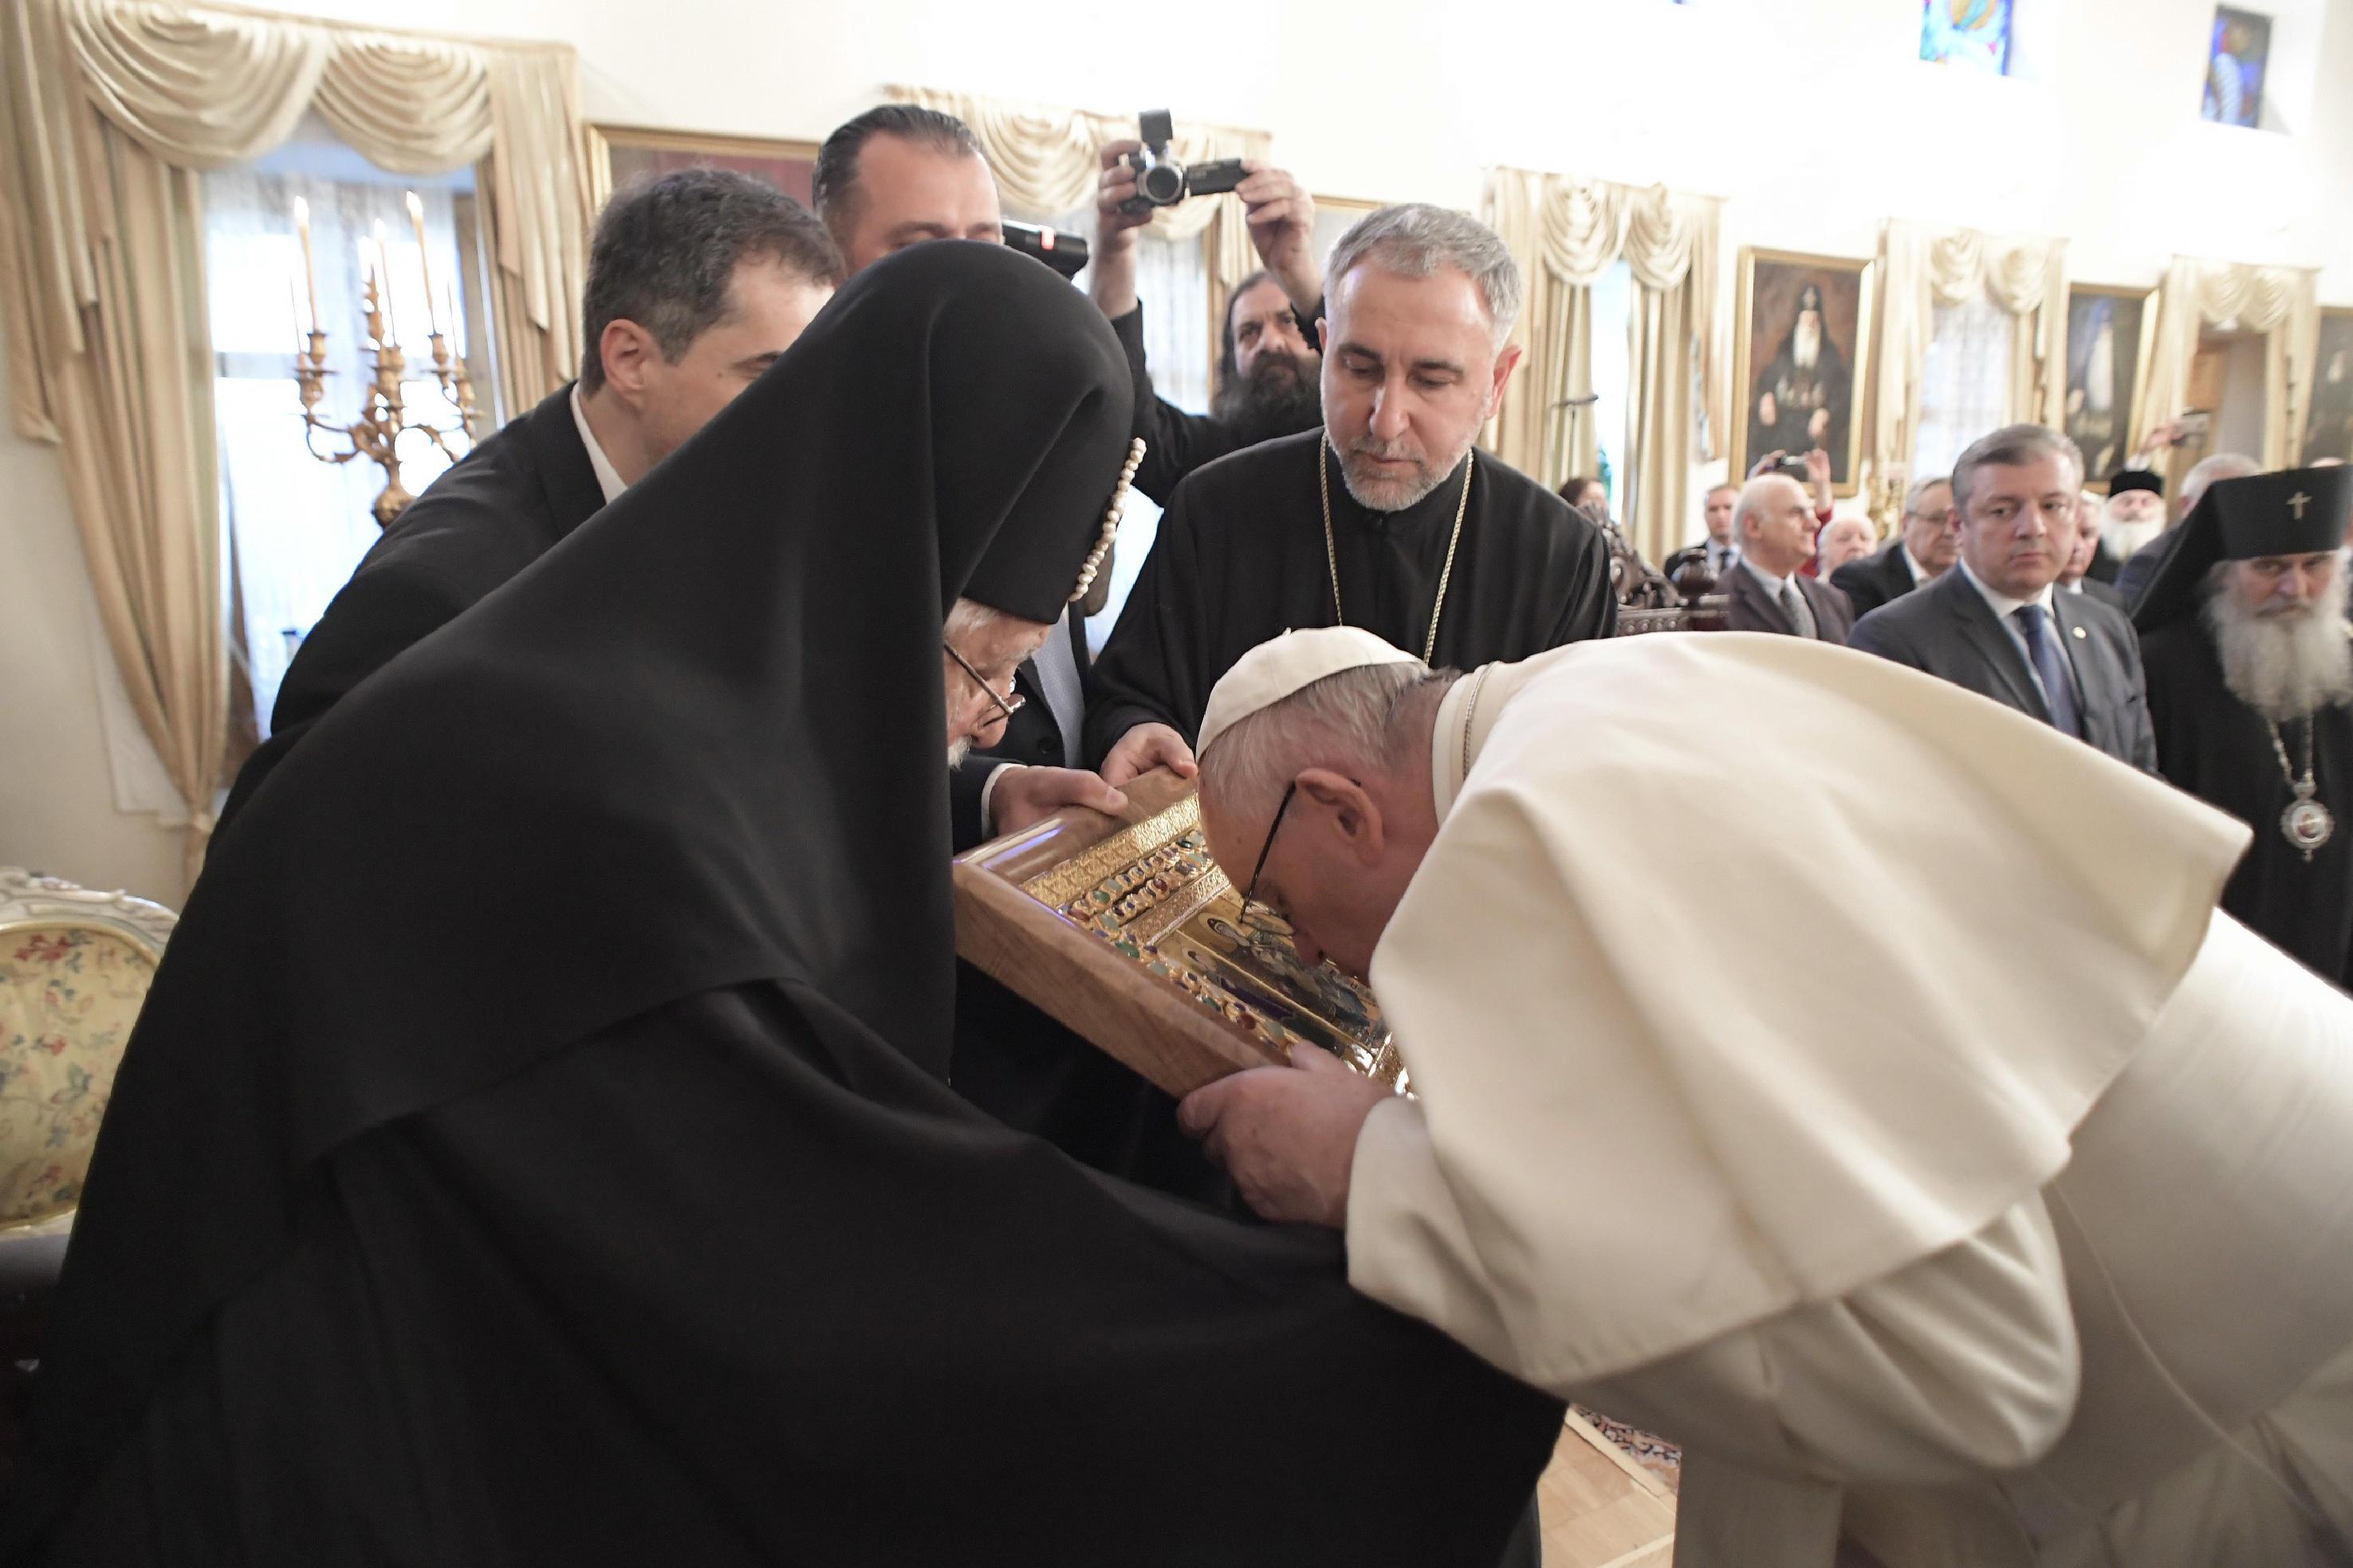 Le pape François vénère l'icône de la Vierge à l'Enfant que lui offre le patriarche Elie II © L'Osservatore Romano